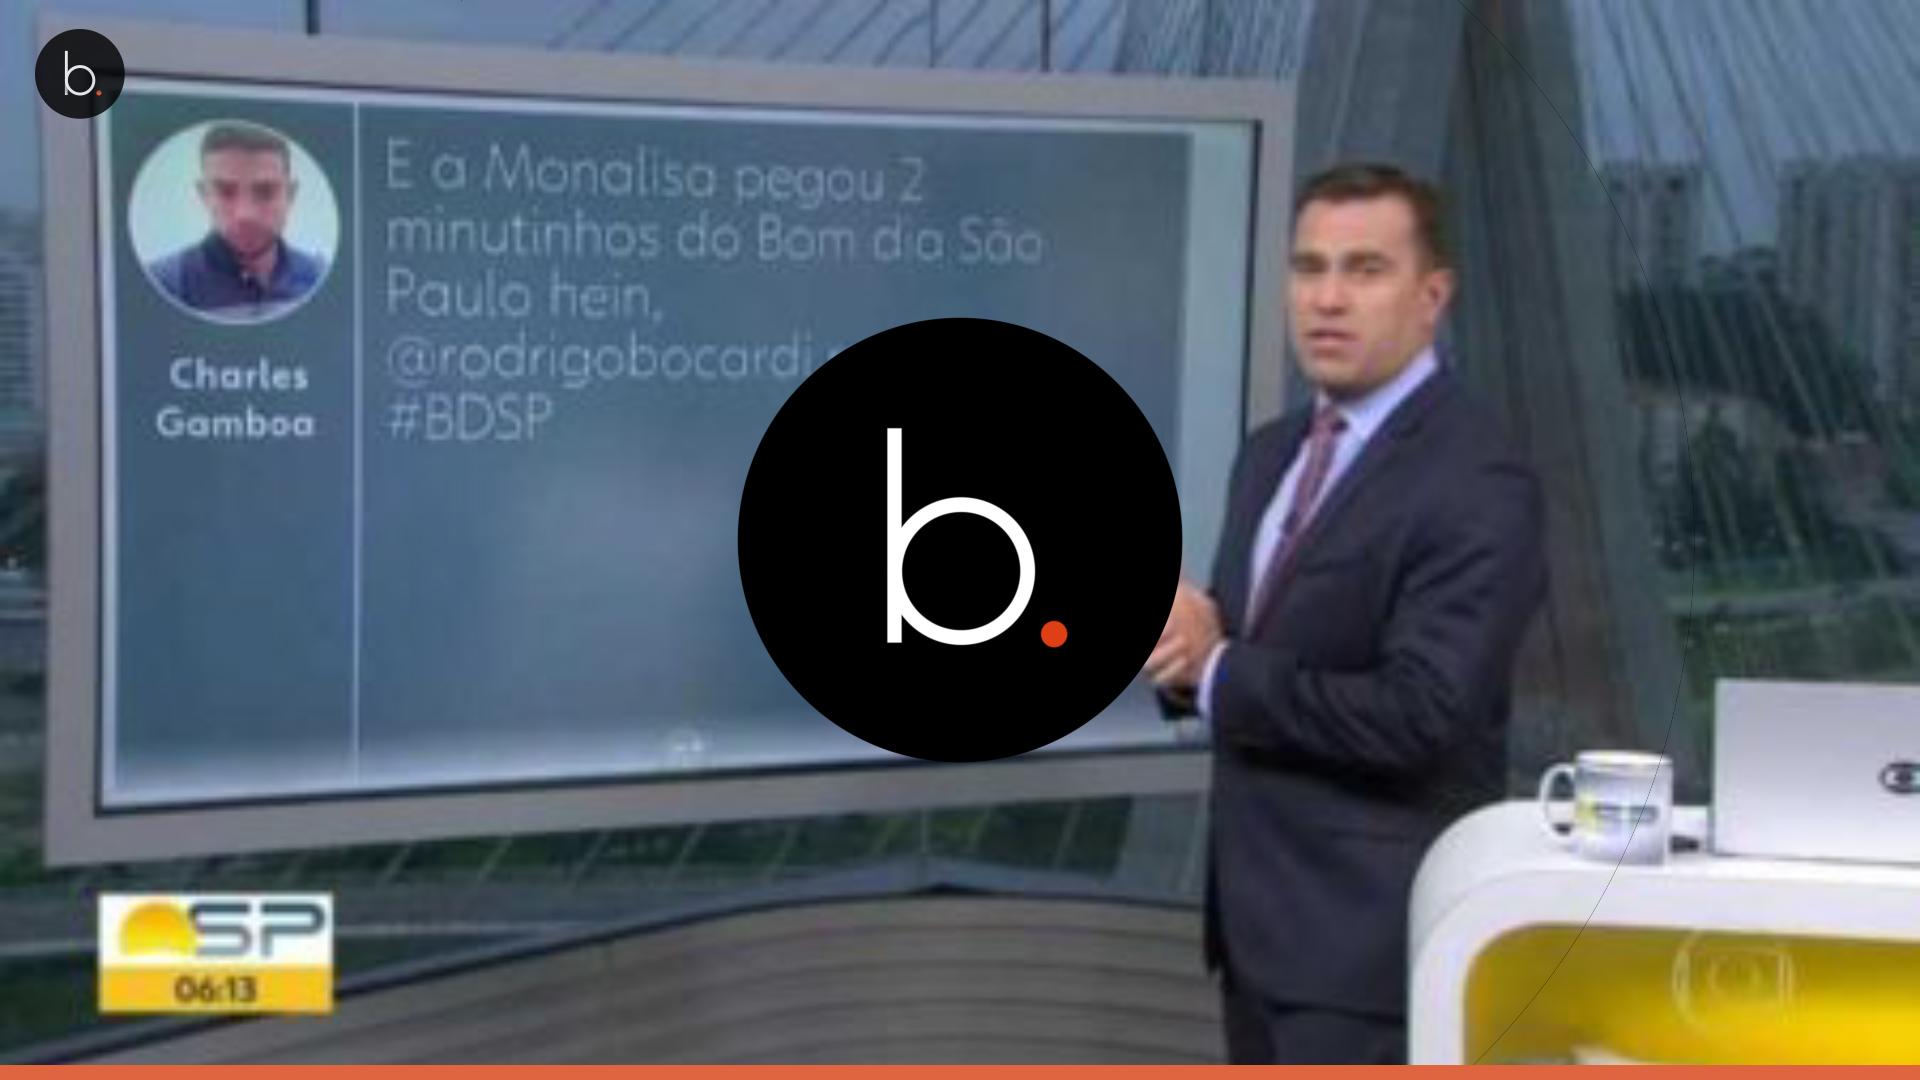 Vídeo: Rodrigo Bocardi faz comentário indevido sobre colega jornalista